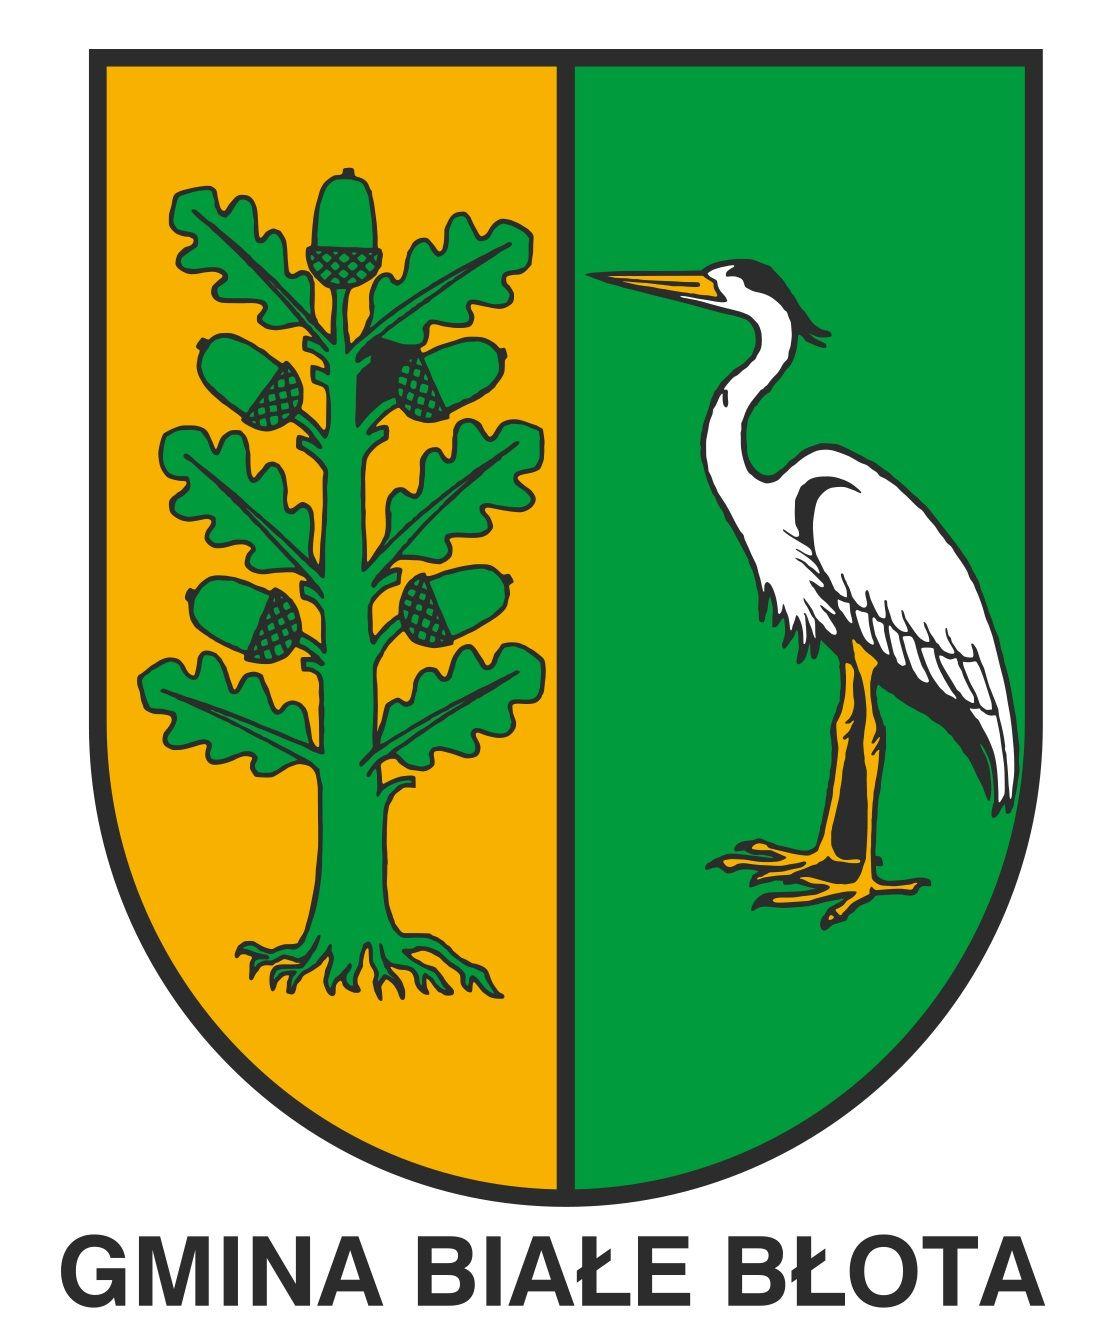 Gmina Białe Błota